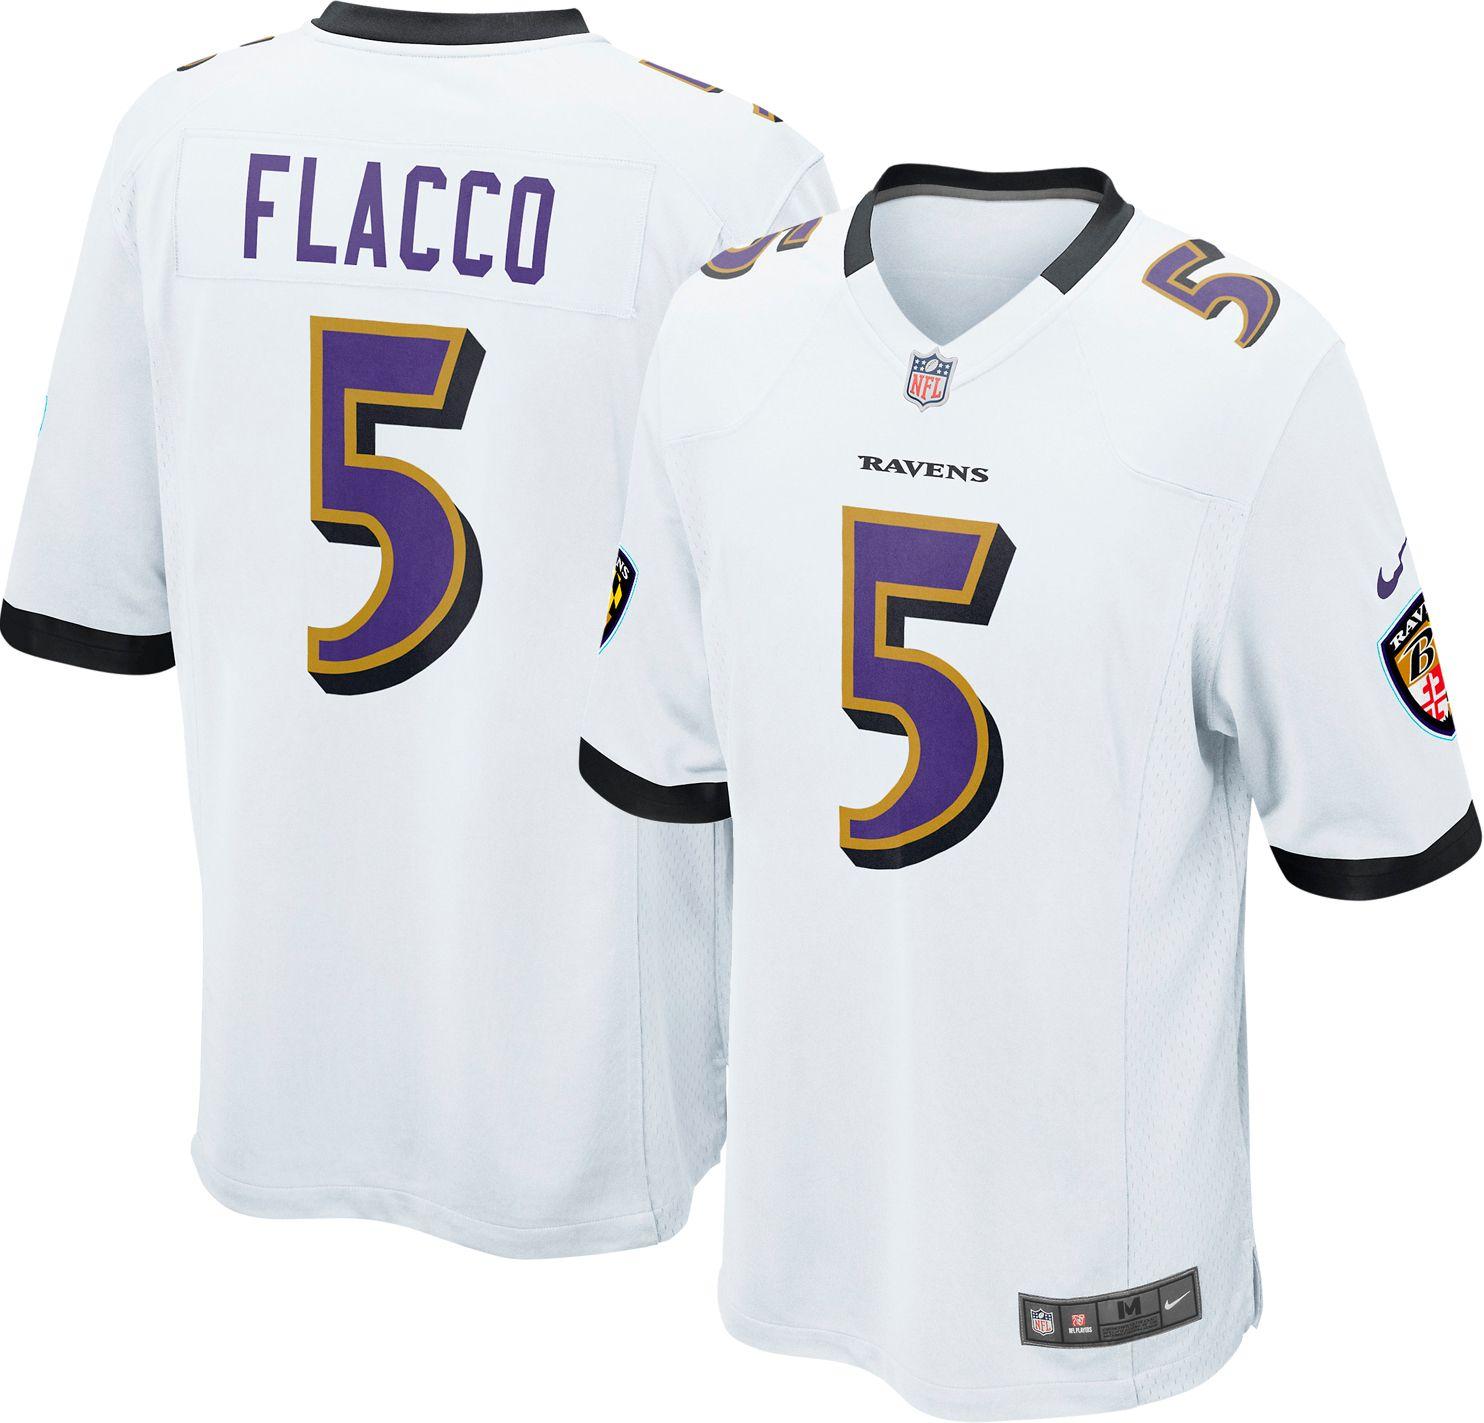 43528050 new arrivals baltimore ravens away jersey fc420 b935d